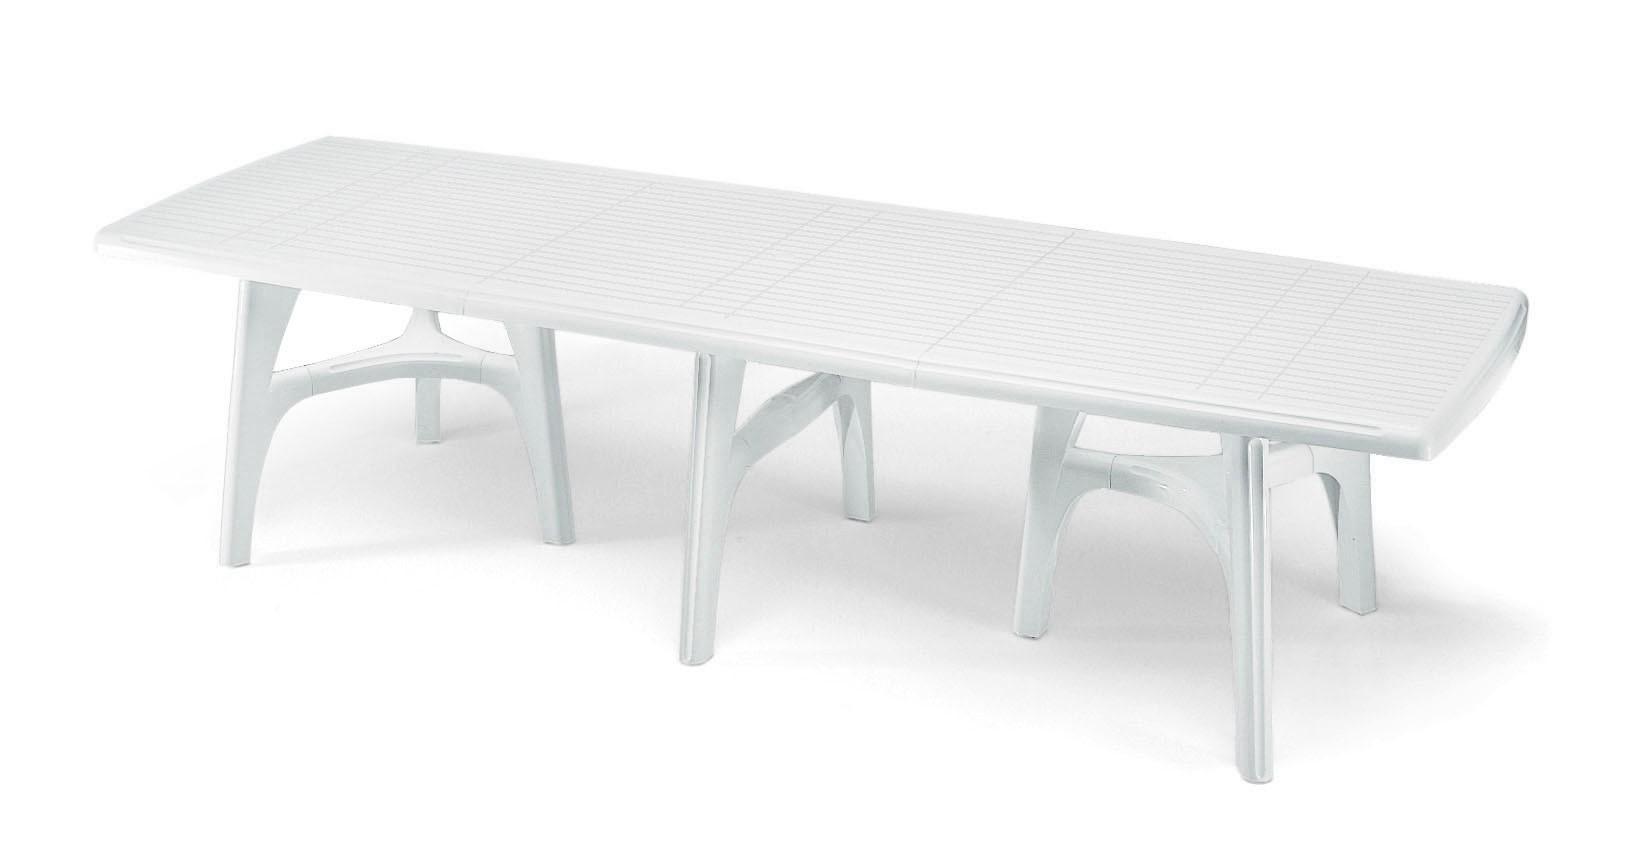 Tavolo resina president 3000 lamacchia mobili da giardino riccione - Tavoli in resina da esterno ...